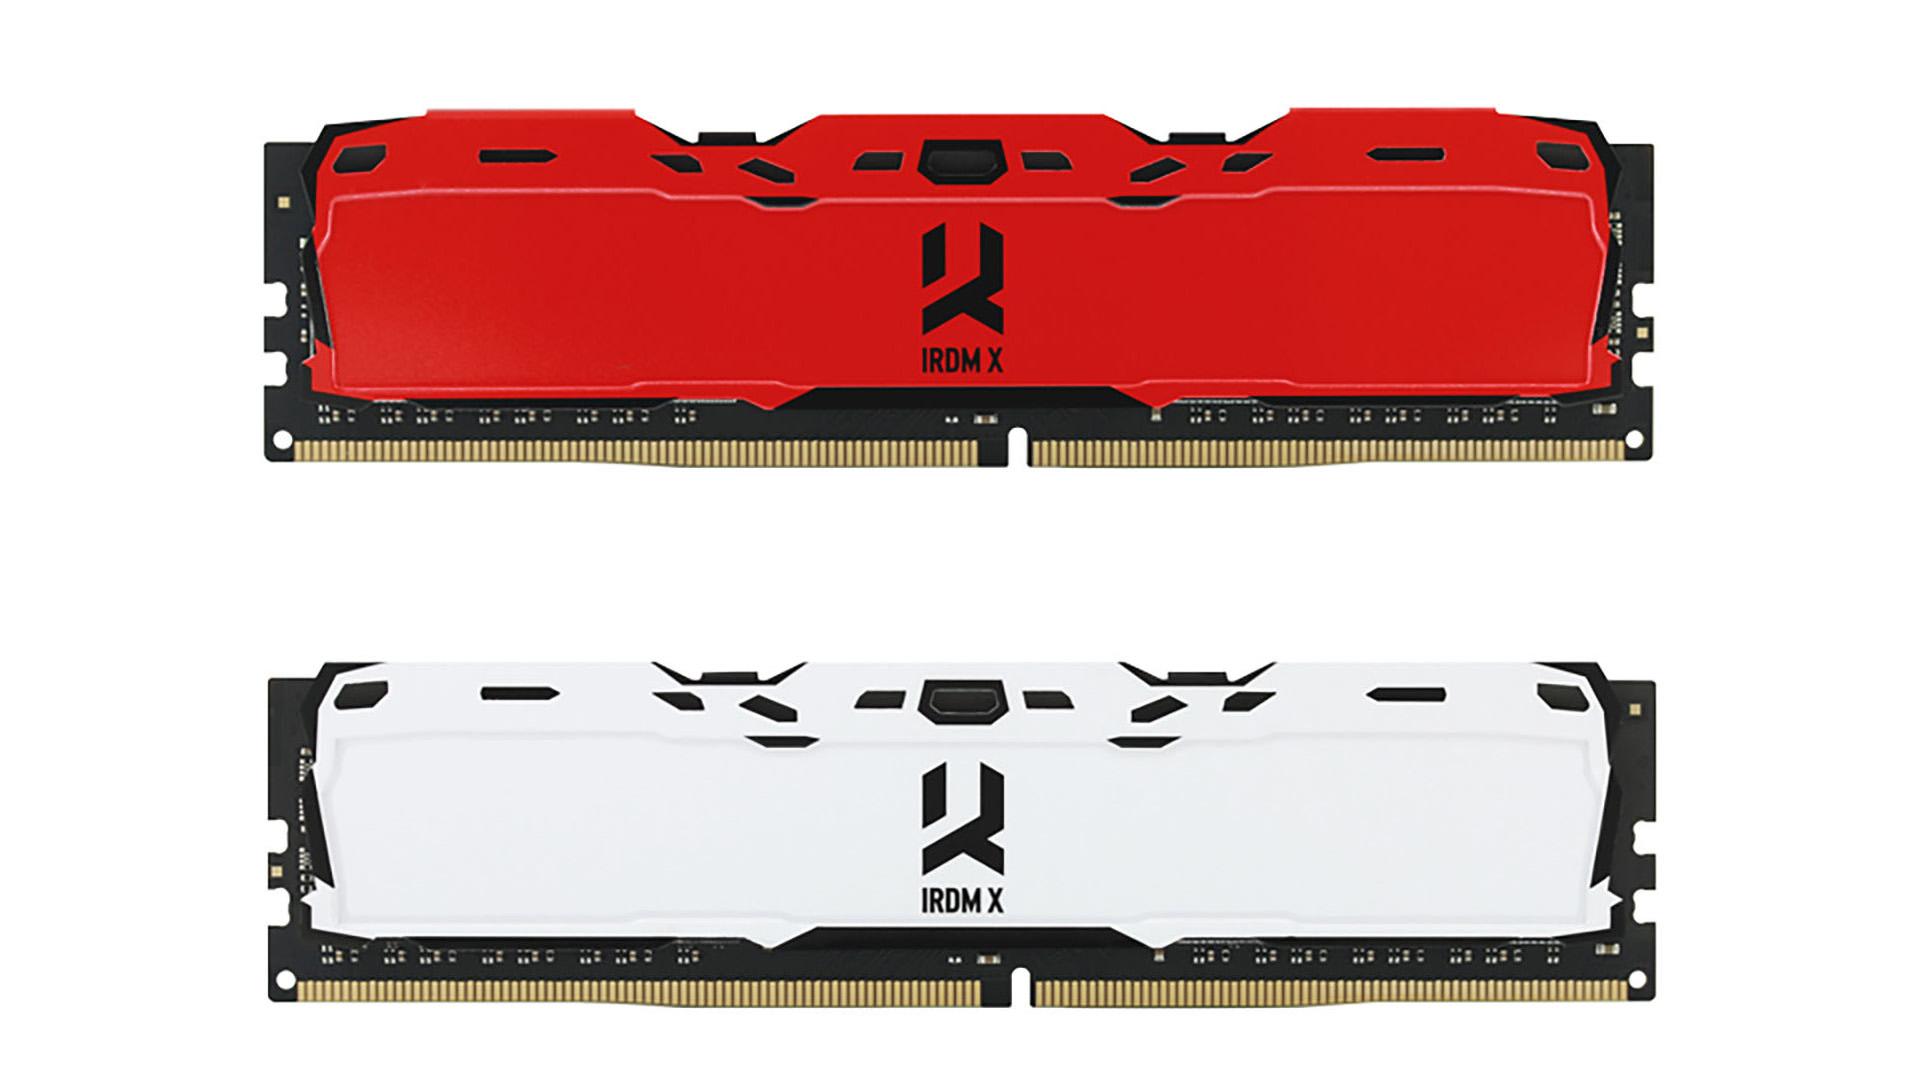 На иллюстрации модули оперативной памяти GoodRAM IRDM X с монотонного красного и белого цветов